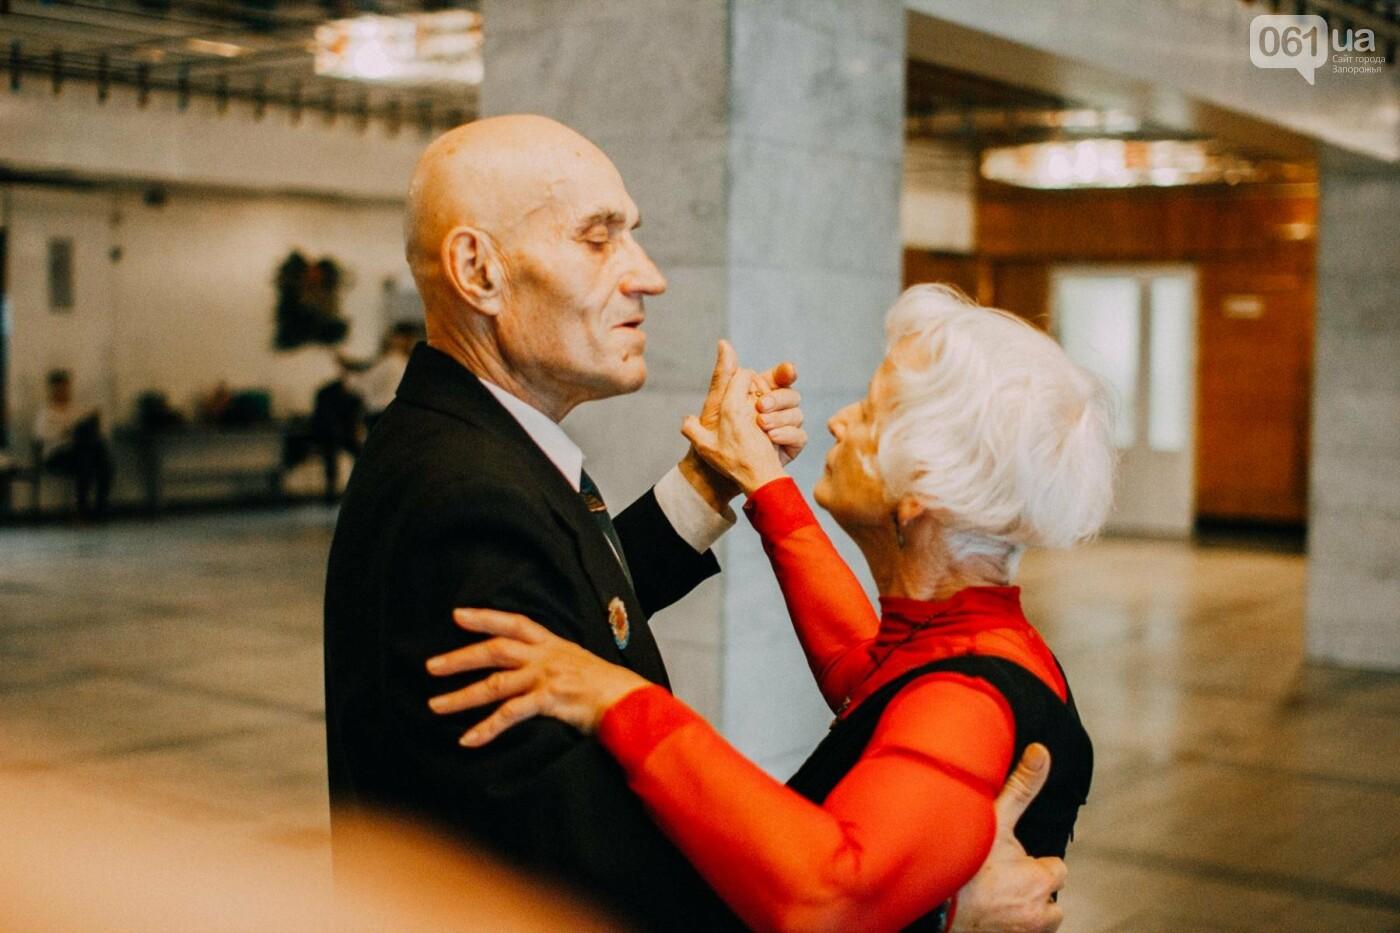 """""""Я ей сказал - до 90 лет будем танцевать!"""": как влюбленные запорожцы нашли друг друга благодаря танцам , фото-11"""